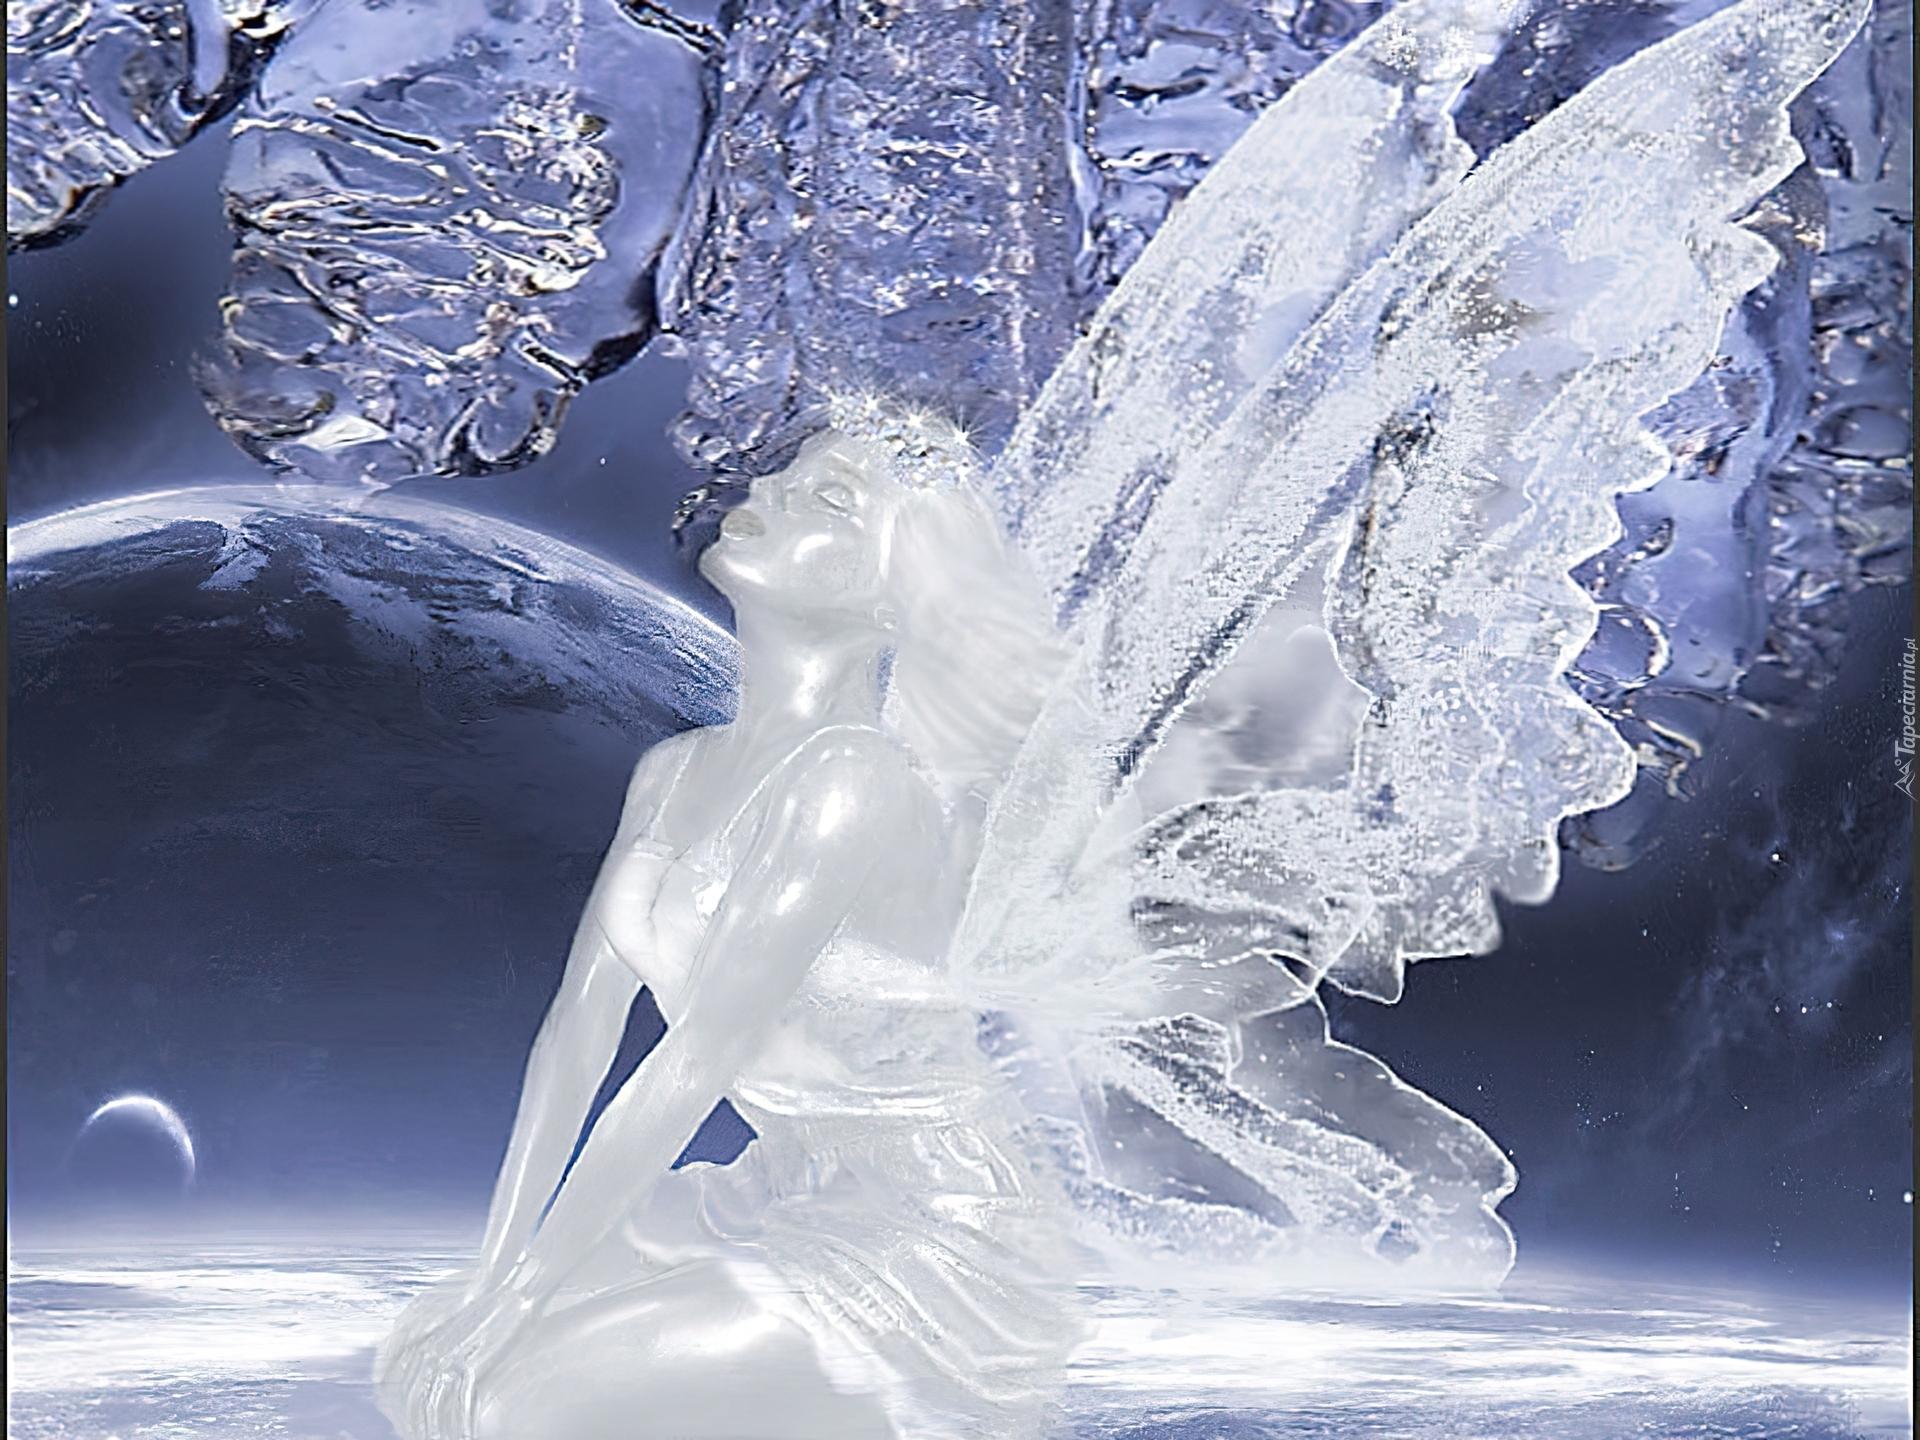 Фото ангела с крыльями со спины данило